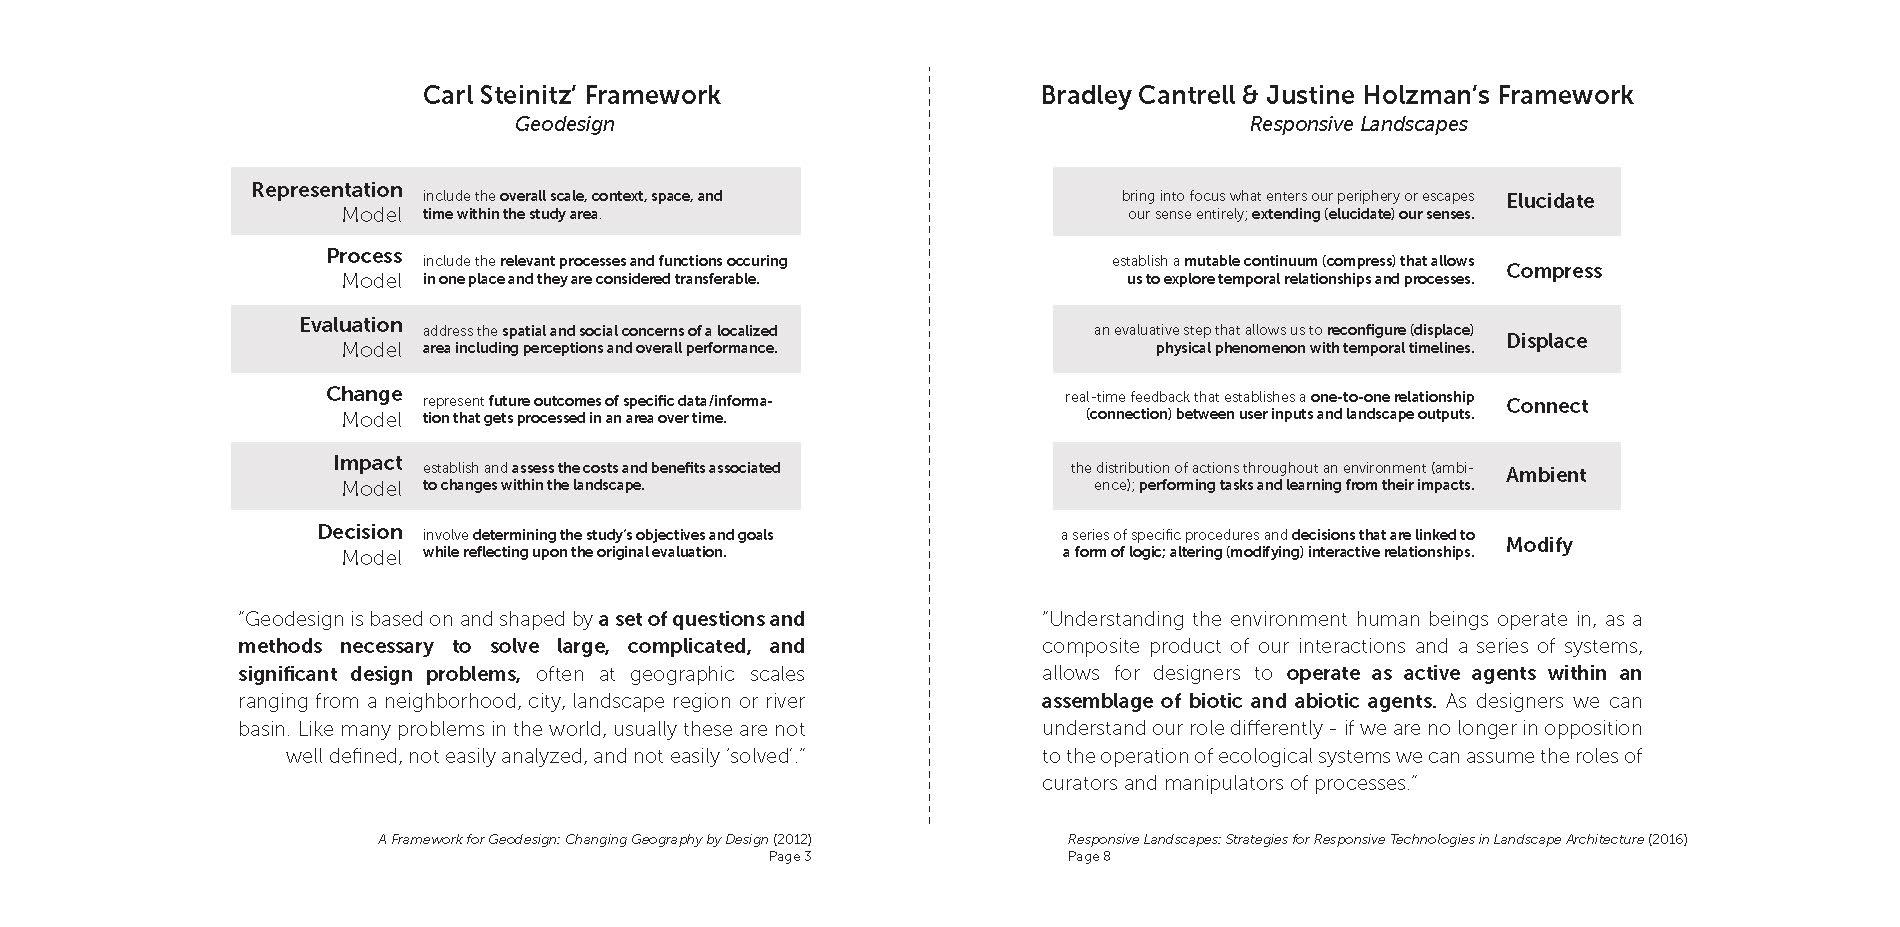 Models as Manifestos versus Models as Heuristics